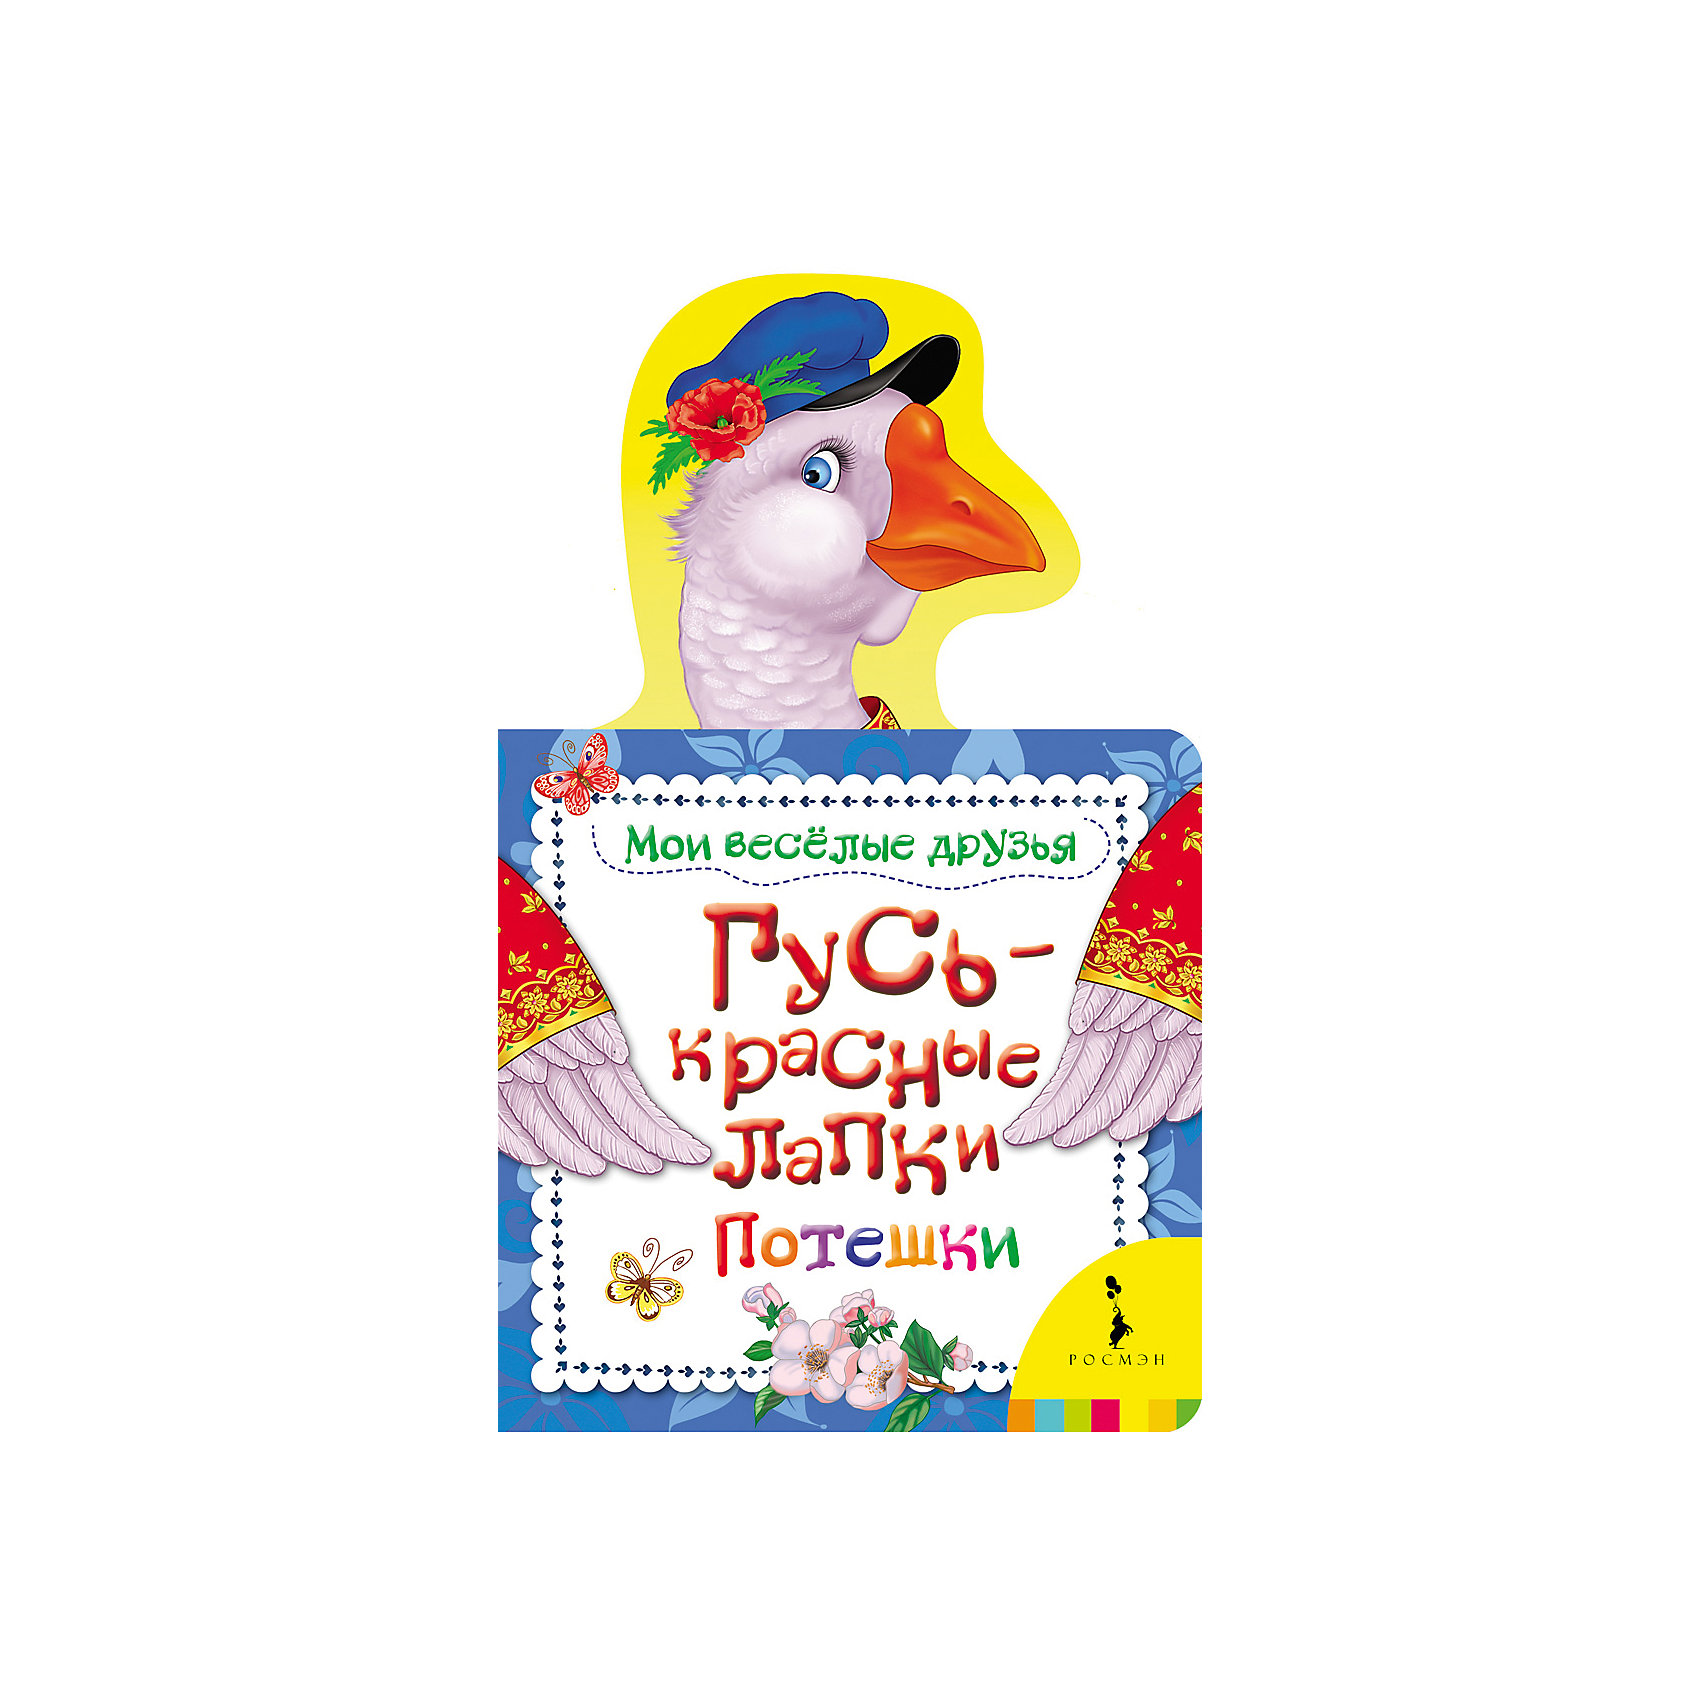 Гусь - красные лапки, Мои веселые друзьяХарактеристики товара:<br><br>- цвет: разноцветный;<br>- материал: картон;<br>- страниц: 12;<br>- формат: 21 х 13 см;<br>- обложка: картон;<br>- с вырубкой. <br><br>Издания серии Мои веселые друзья - отличный способ занять ребенка! Эта красочная книга станет отличным подарком для родителей и малыша. Она содержит в себе известные песенки, потешки и стихи, которые так любят дети. Отличный способ привить малышу любовь к чтению! Удобный формат и плотные странички позволят брать книгу с собой в поездки.<br>Чтение и рассматривание картинок даже в юном возрасте помогает ребенку развивать память, концентрацию внимания и воображение. Издание произведено из качественных материалов, которые безопасны даже для самых маленьких.<br><br>Издание Гусь - красные лапки, Мои веселые друзья от компании Росмэн можно купить в нашем интернет-магазине.<br><br>Ширина мм: 210<br>Глубина мм: 125<br>Высота мм: 7<br>Вес г: 96<br>Возраст от месяцев: 0<br>Возраст до месяцев: 36<br>Пол: Унисекс<br>Возраст: Детский<br>SKU: 5110266